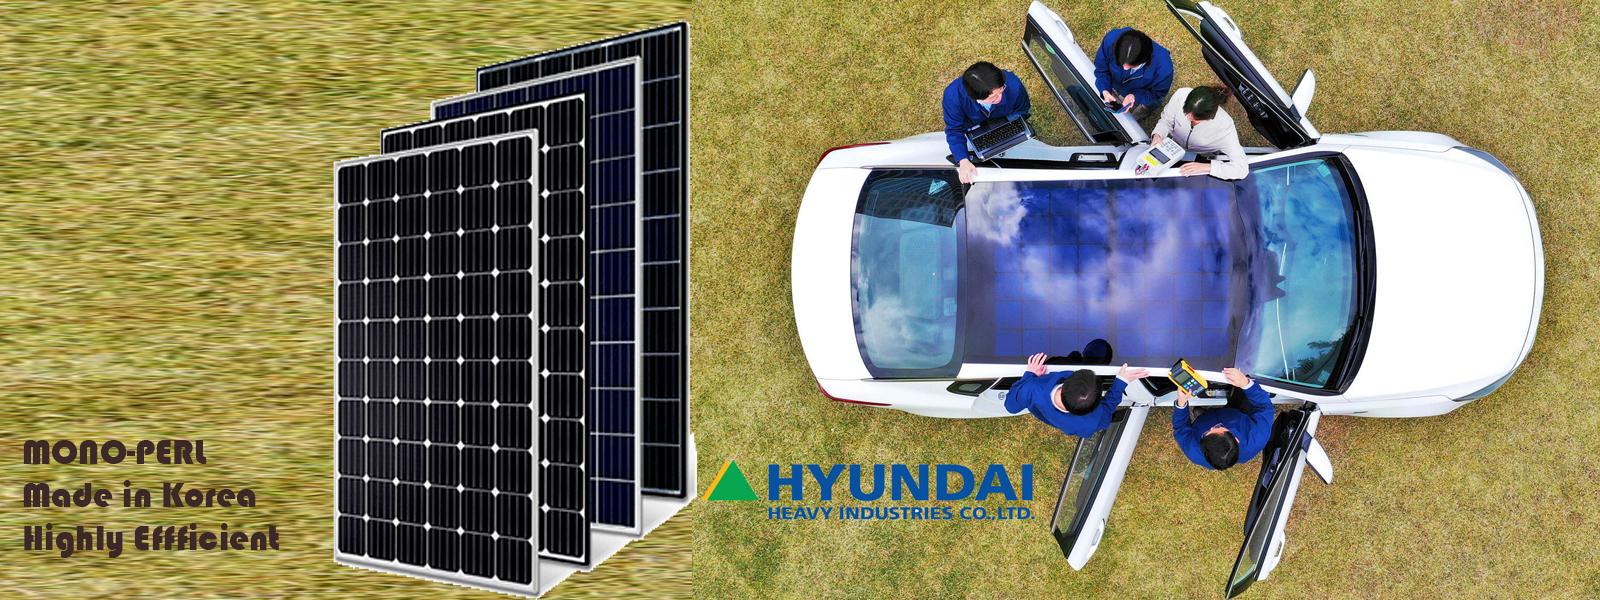 Hyundai_Solar_Pakistan_Slide